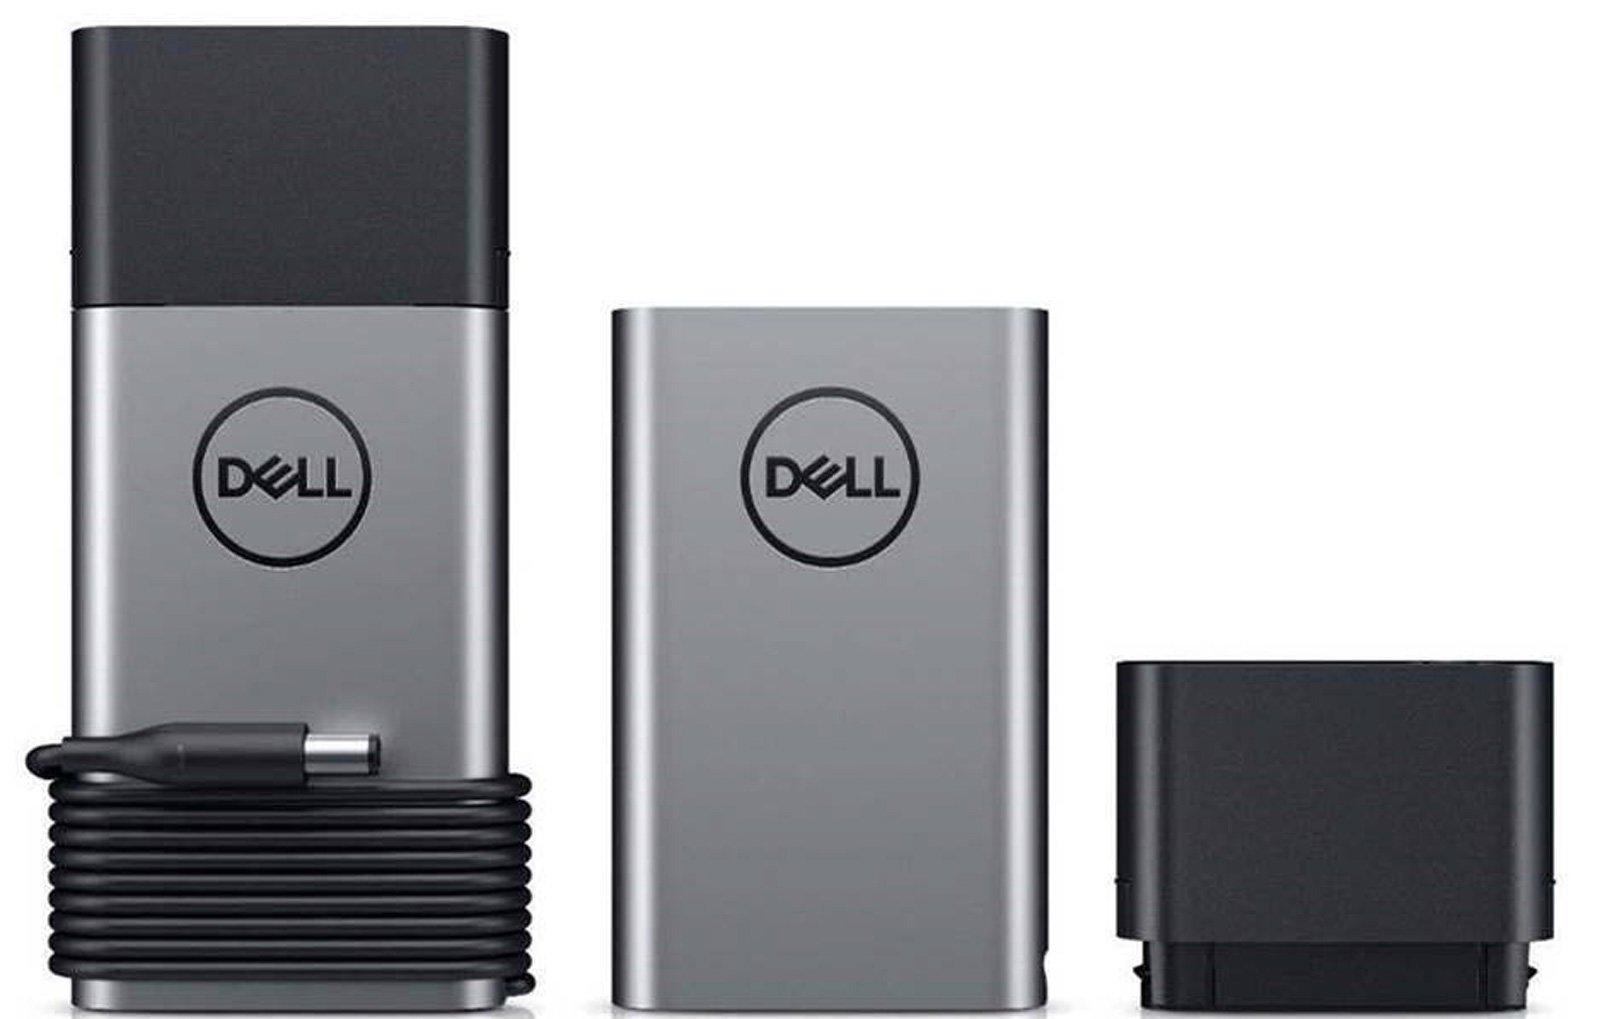 9.000'in üzerindeDell hibrit güç adaptörügeri toplanacak! SDN-2